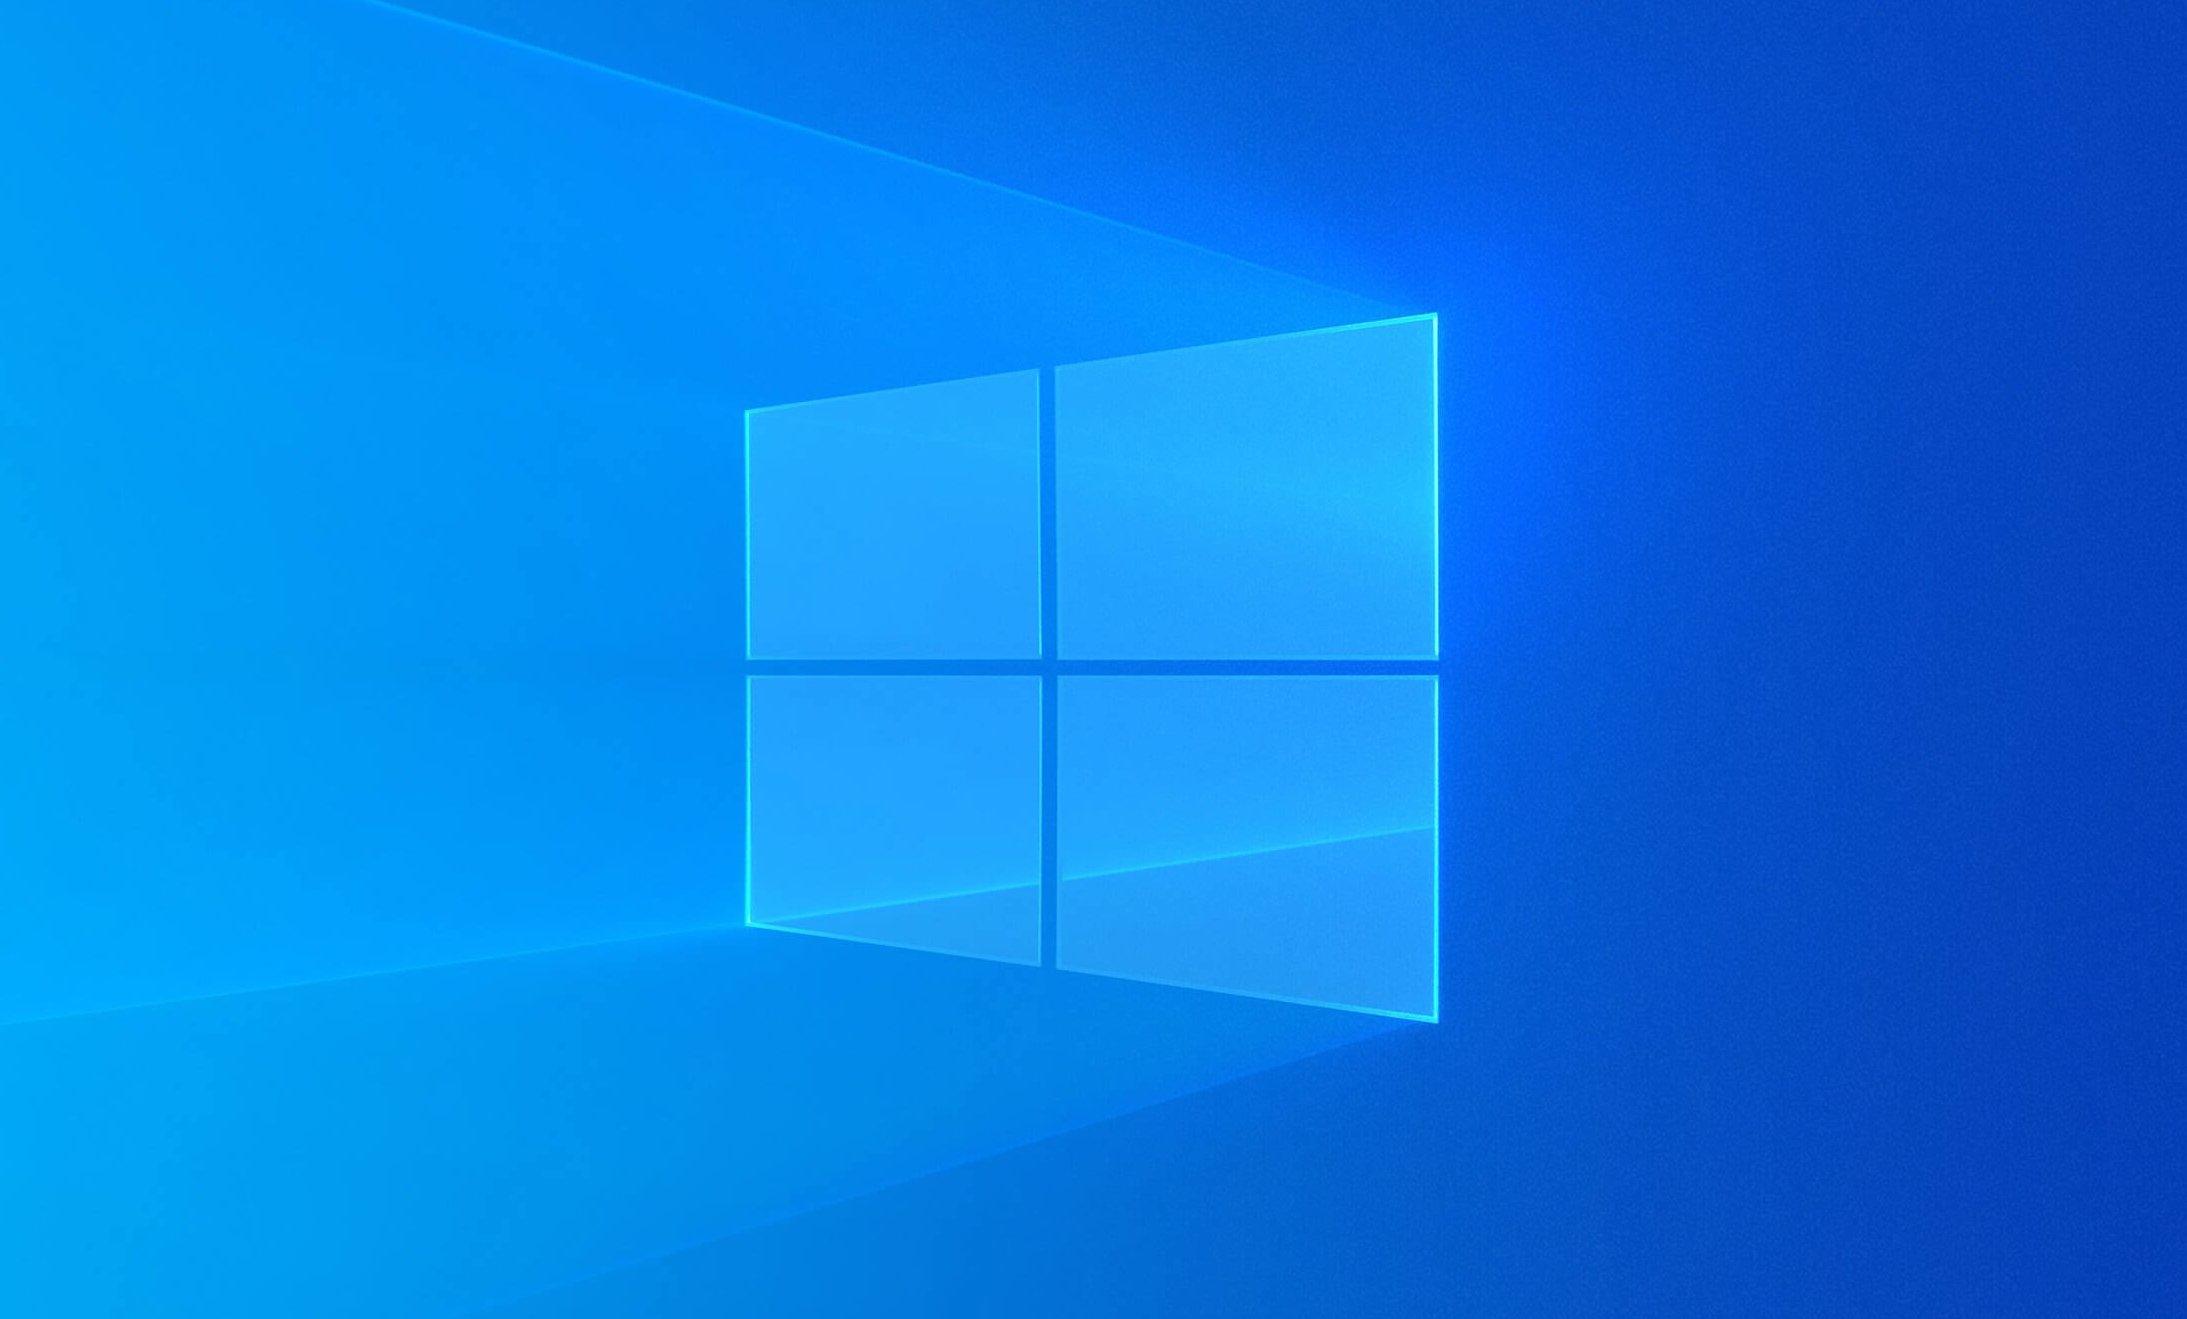 Первая распродажа в 2021 году: пожизненная лицензия Windows 10 Pro за 1117 р. и Office 2019 за 2520 р.